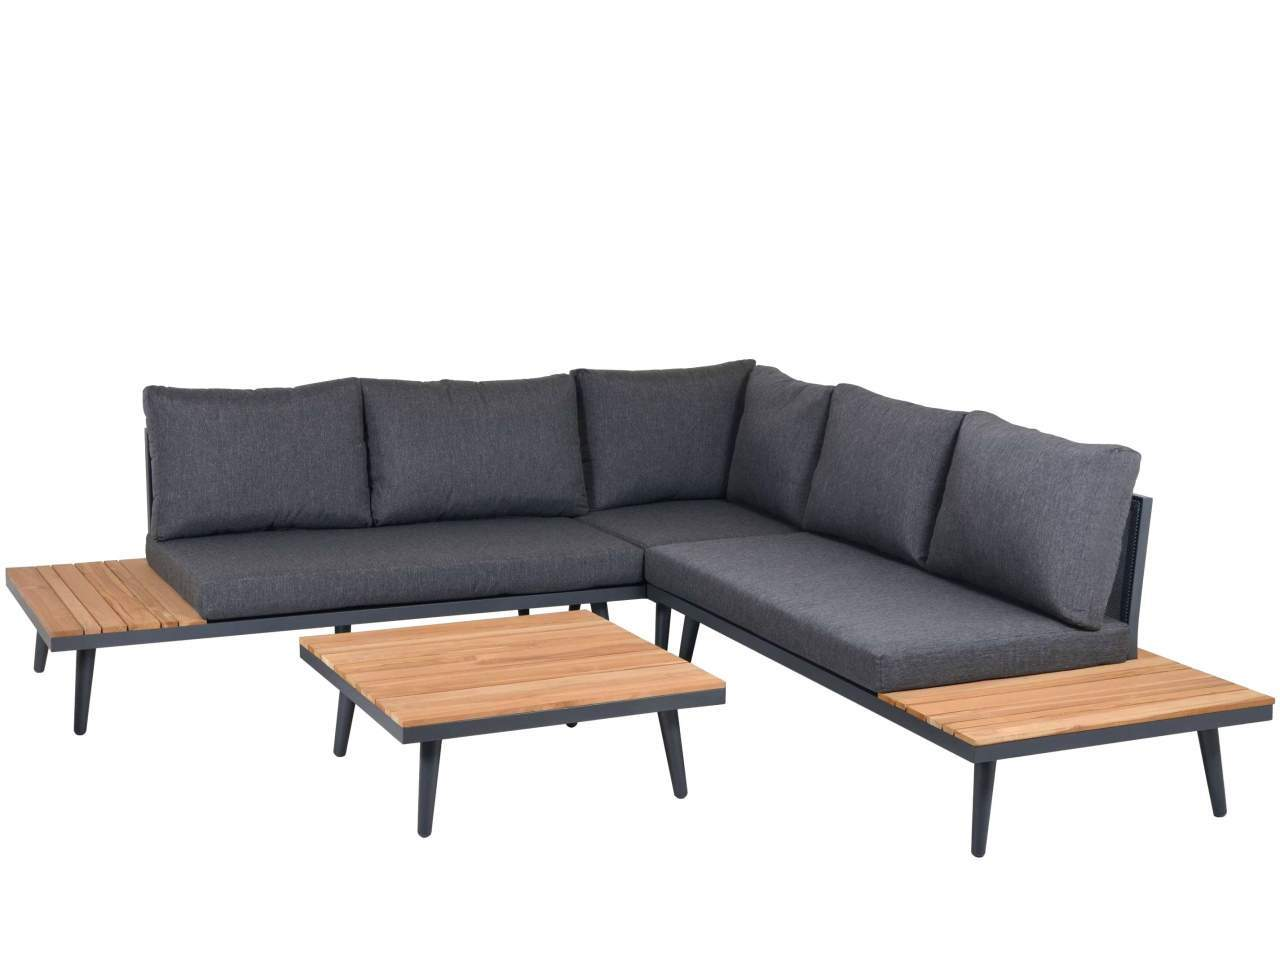 Ecksofa Garten Luxus 35 Luxus Couch Garten Einzigartig